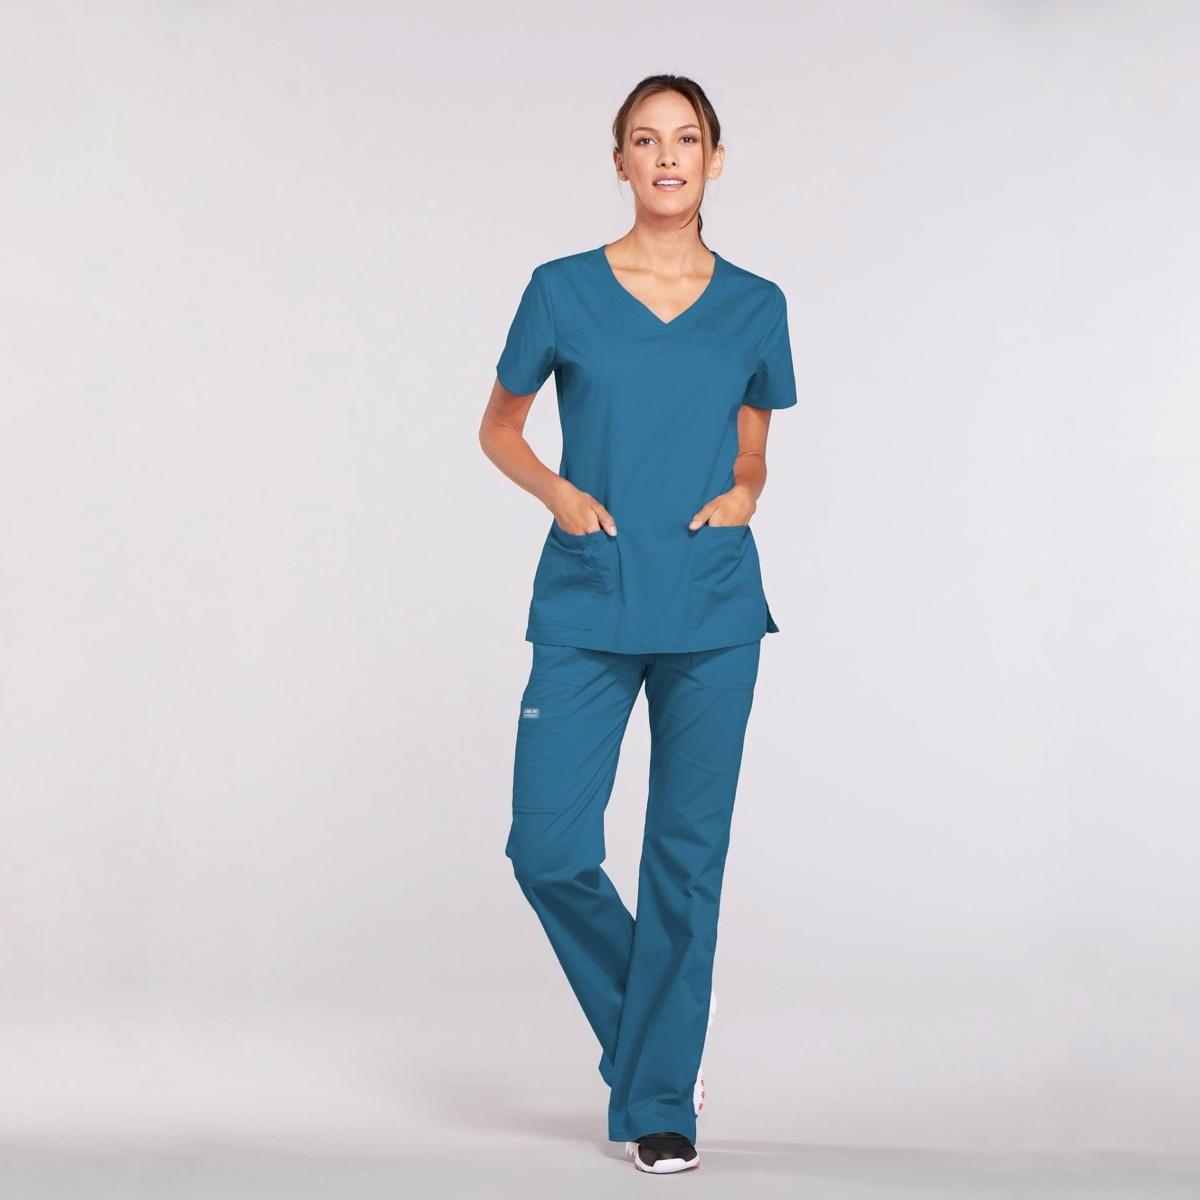 Приталенный женский медицинский костюм Core Stretch из твила цвет - морская волна